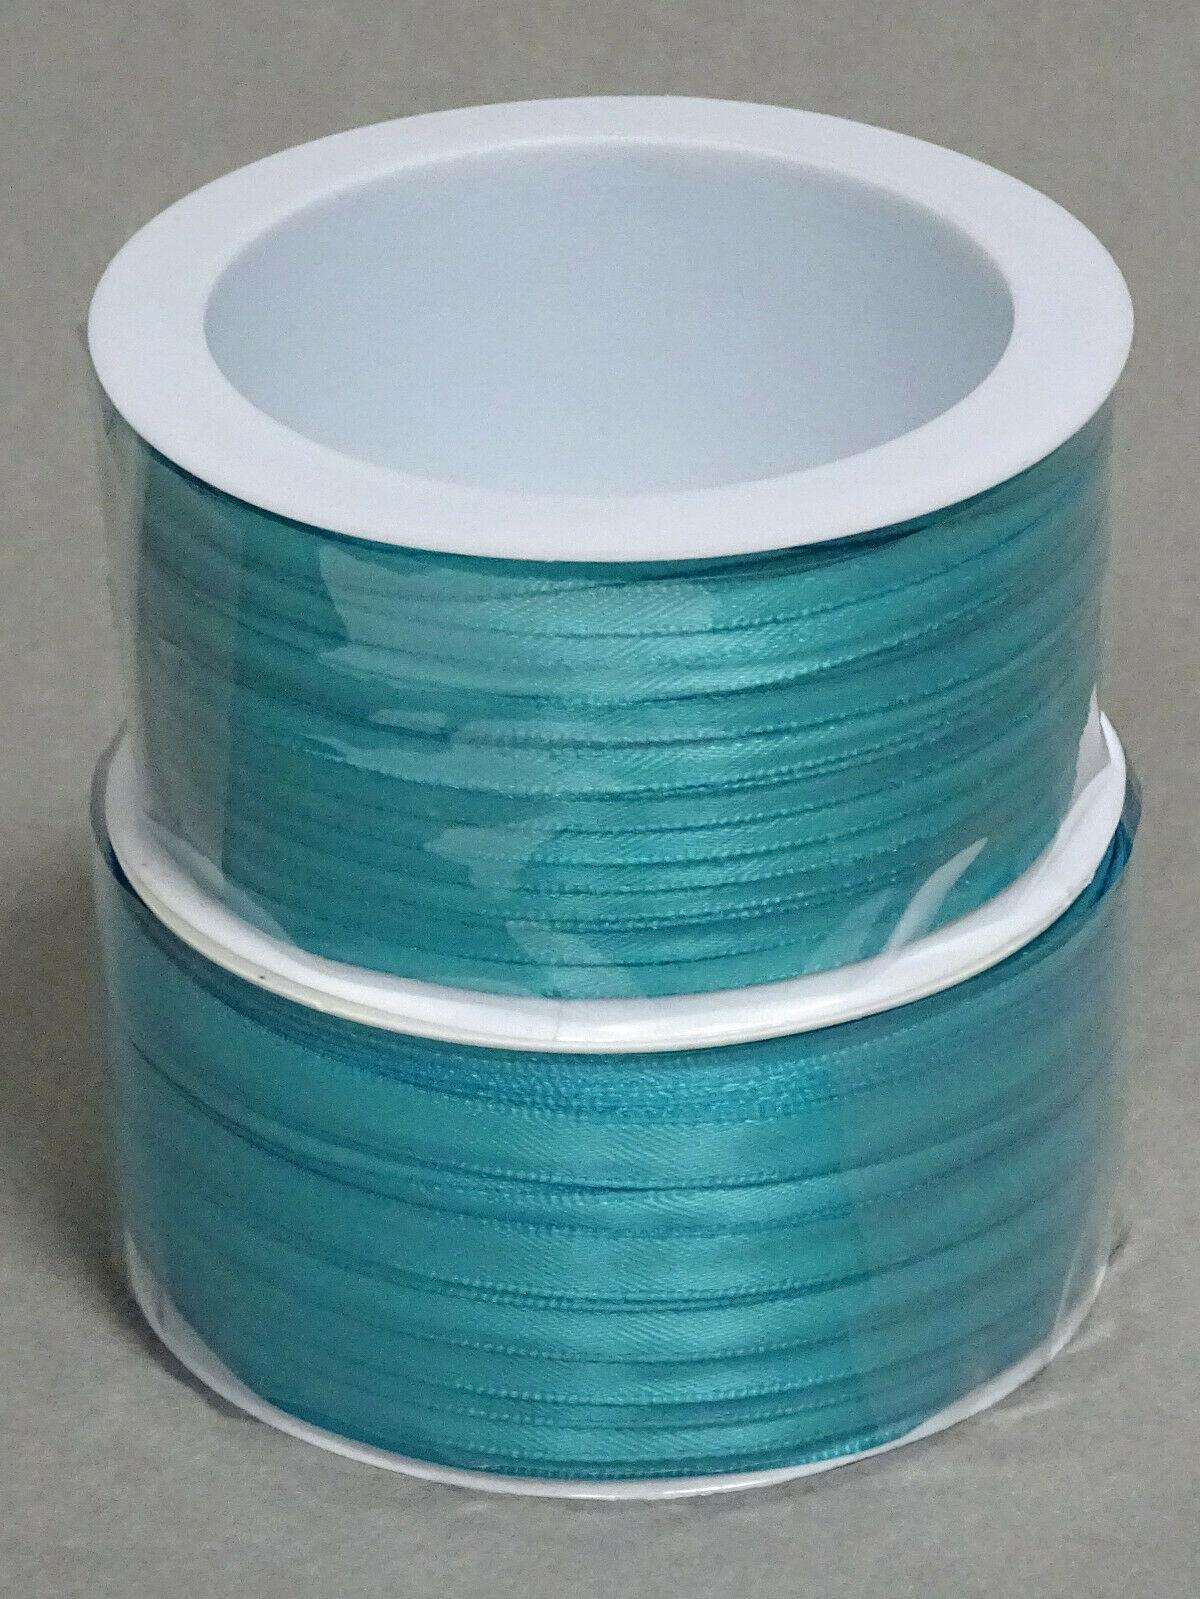 Satinband Schleifenband 50m x 3mm / 6mm Dekoband ab 0,05 €/m Geschenkband Rolle - Petrol 118, 6 mm x 50 m